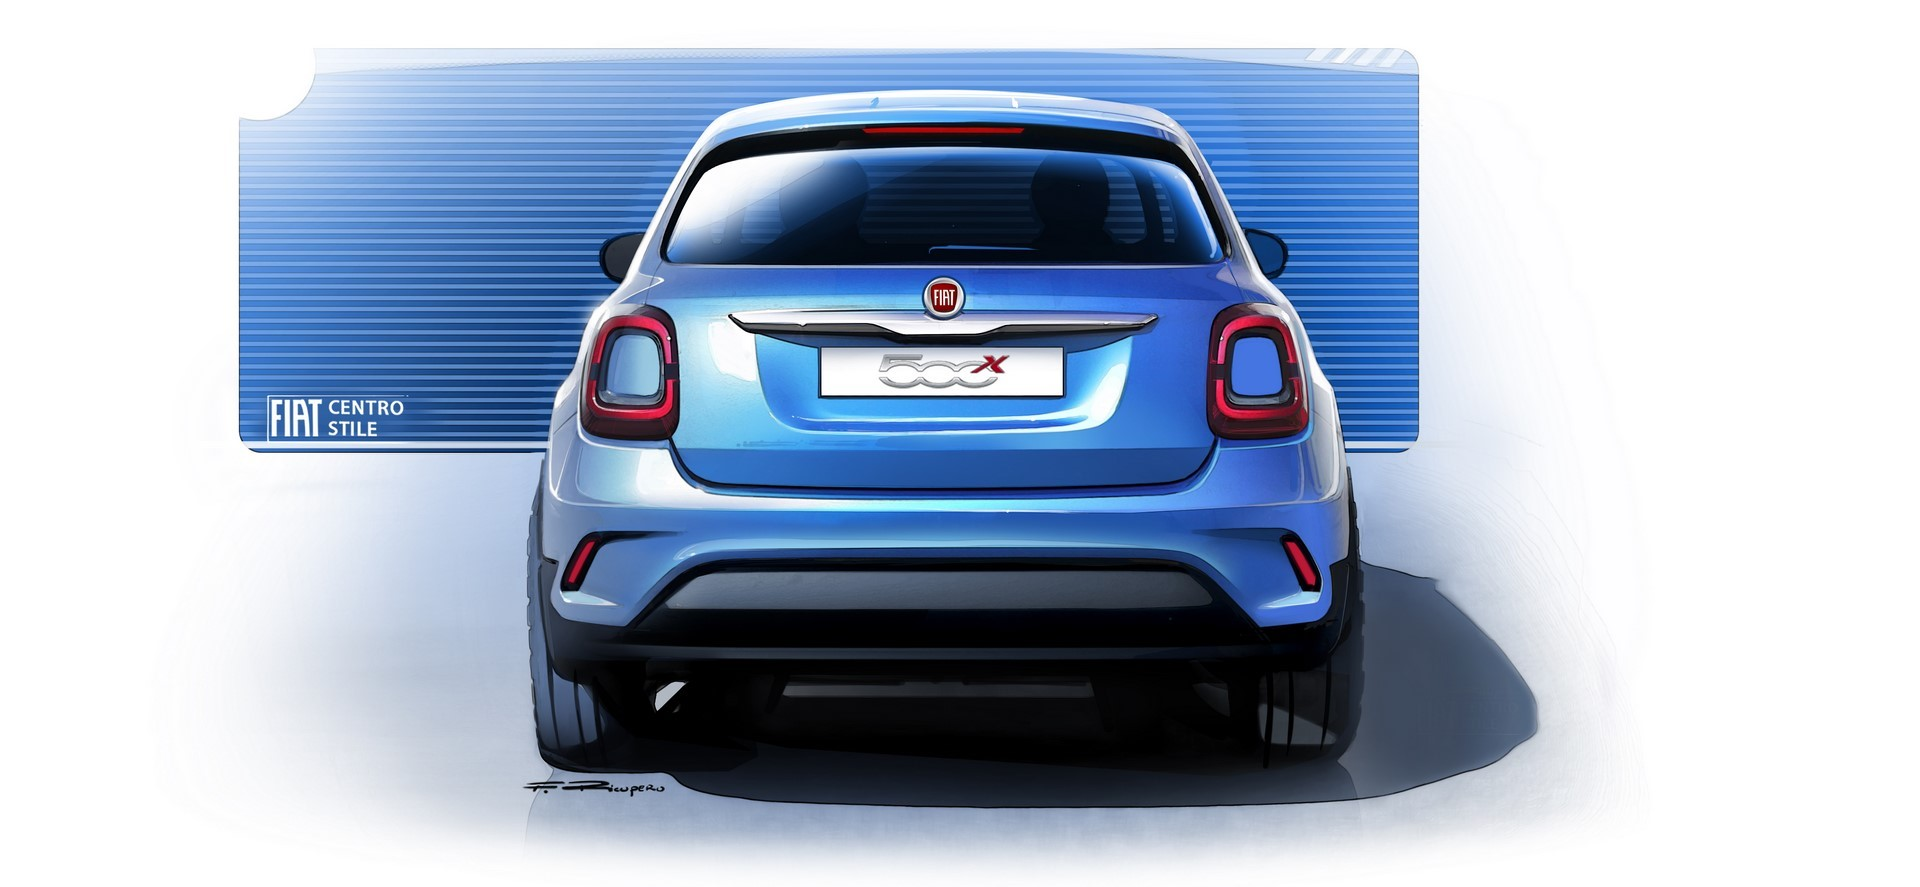 180828_Fiat_New-500X-sketch_06